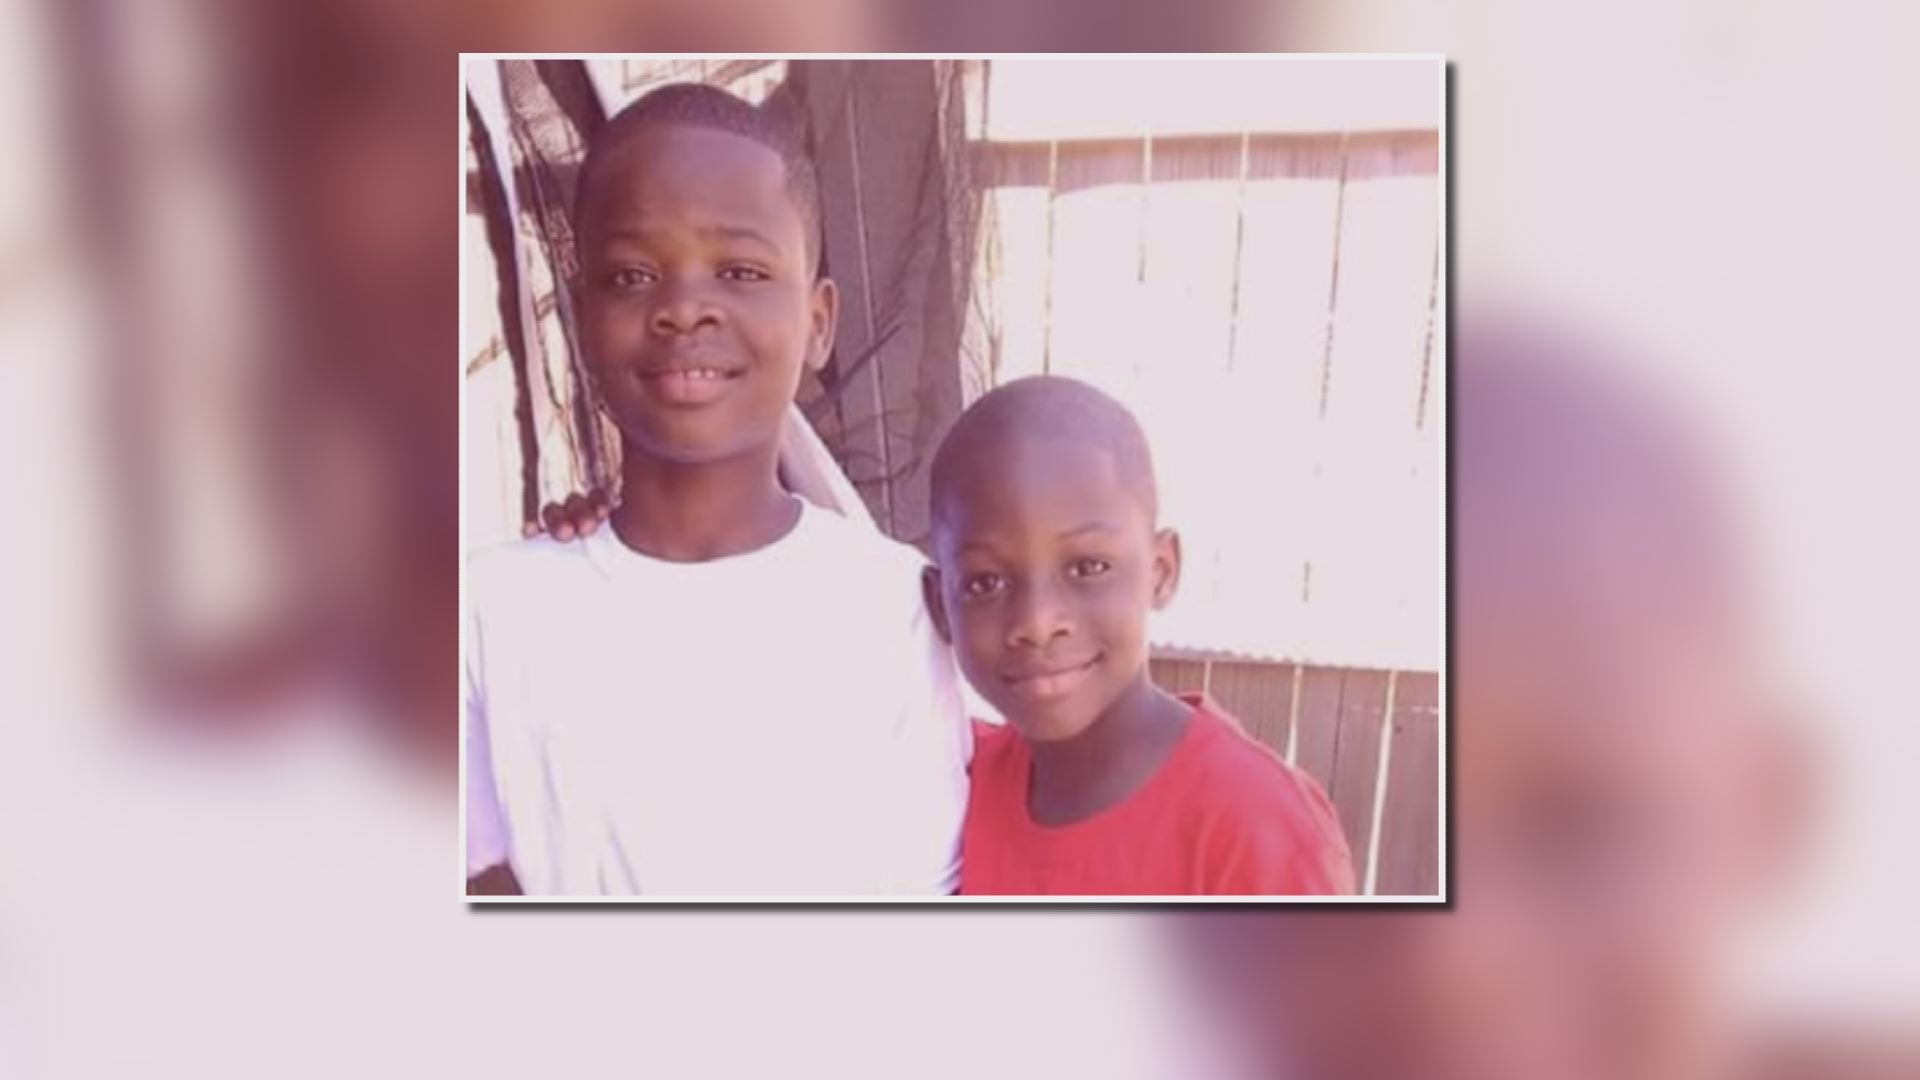 jamarcus smith and brother on bg_1530289684272.jpg.jpg